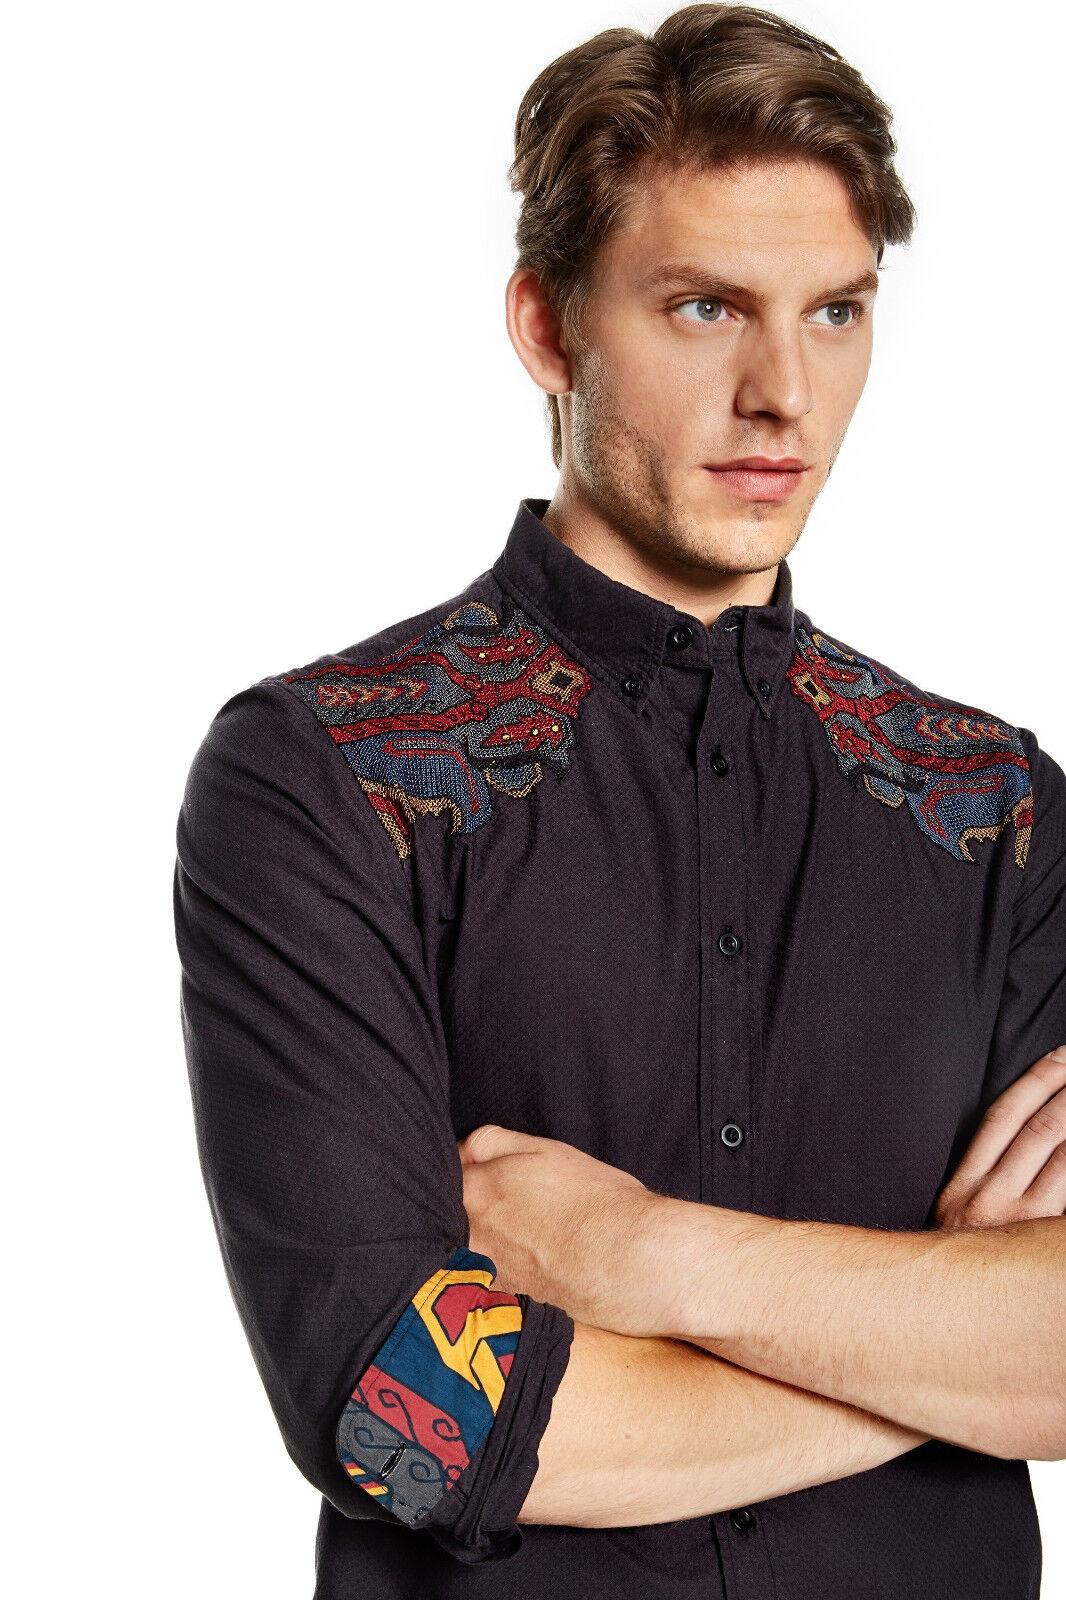 Desigual Ethnic Tribal Embroidered Mens Shirt S M L XL XXL Slim Fit NEW